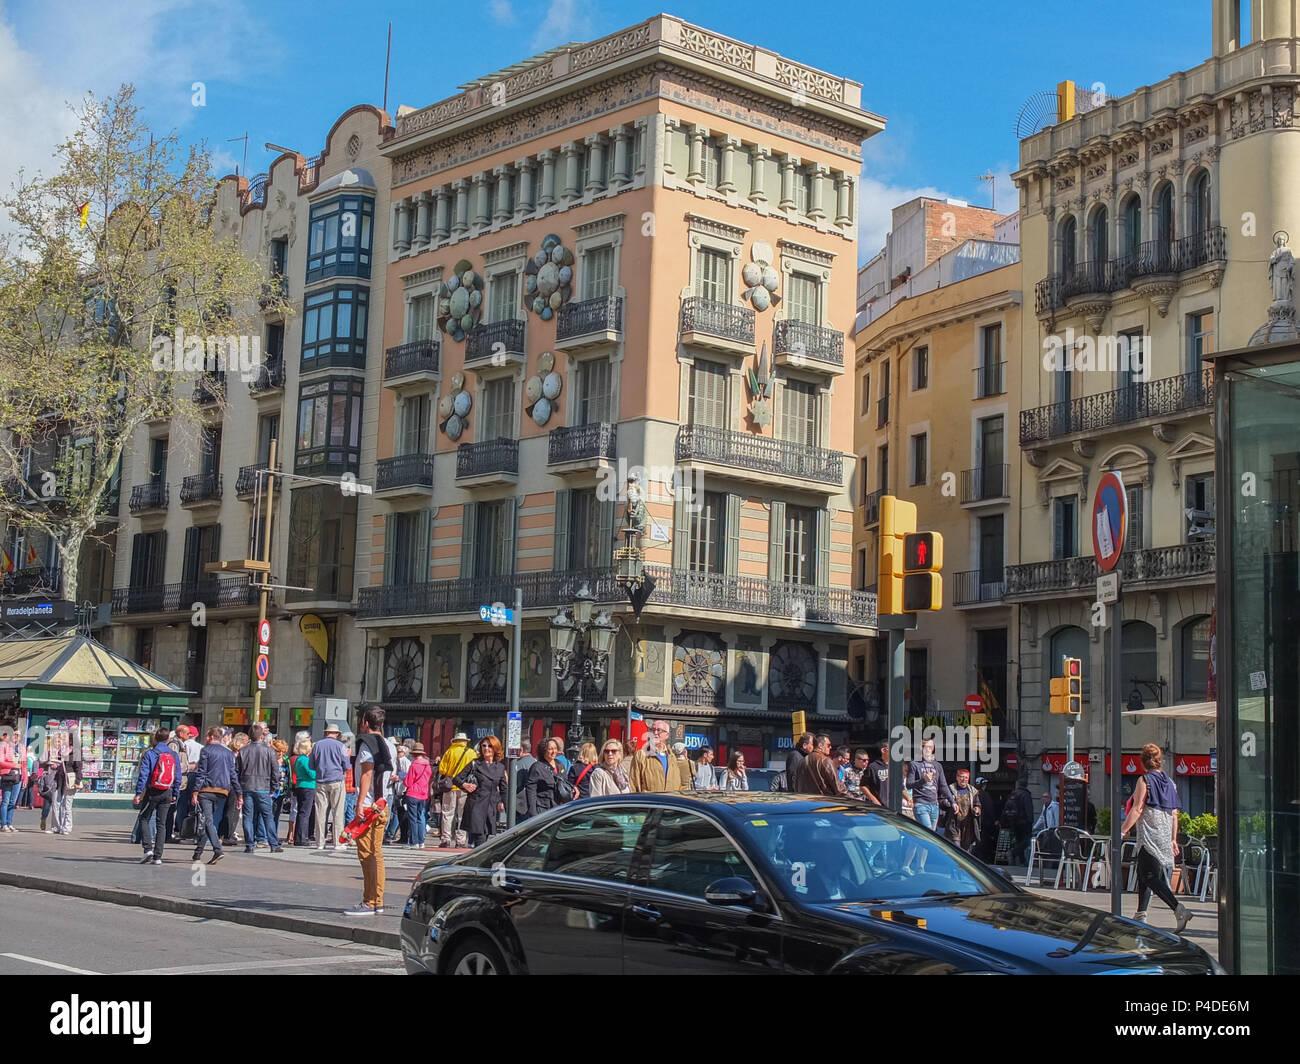 Barcelone, Espagne - 28 mars 2014: les gens marcher dans une Barcelone occupé près de la boutique parapluie sur La Rambla. Banque D'Images